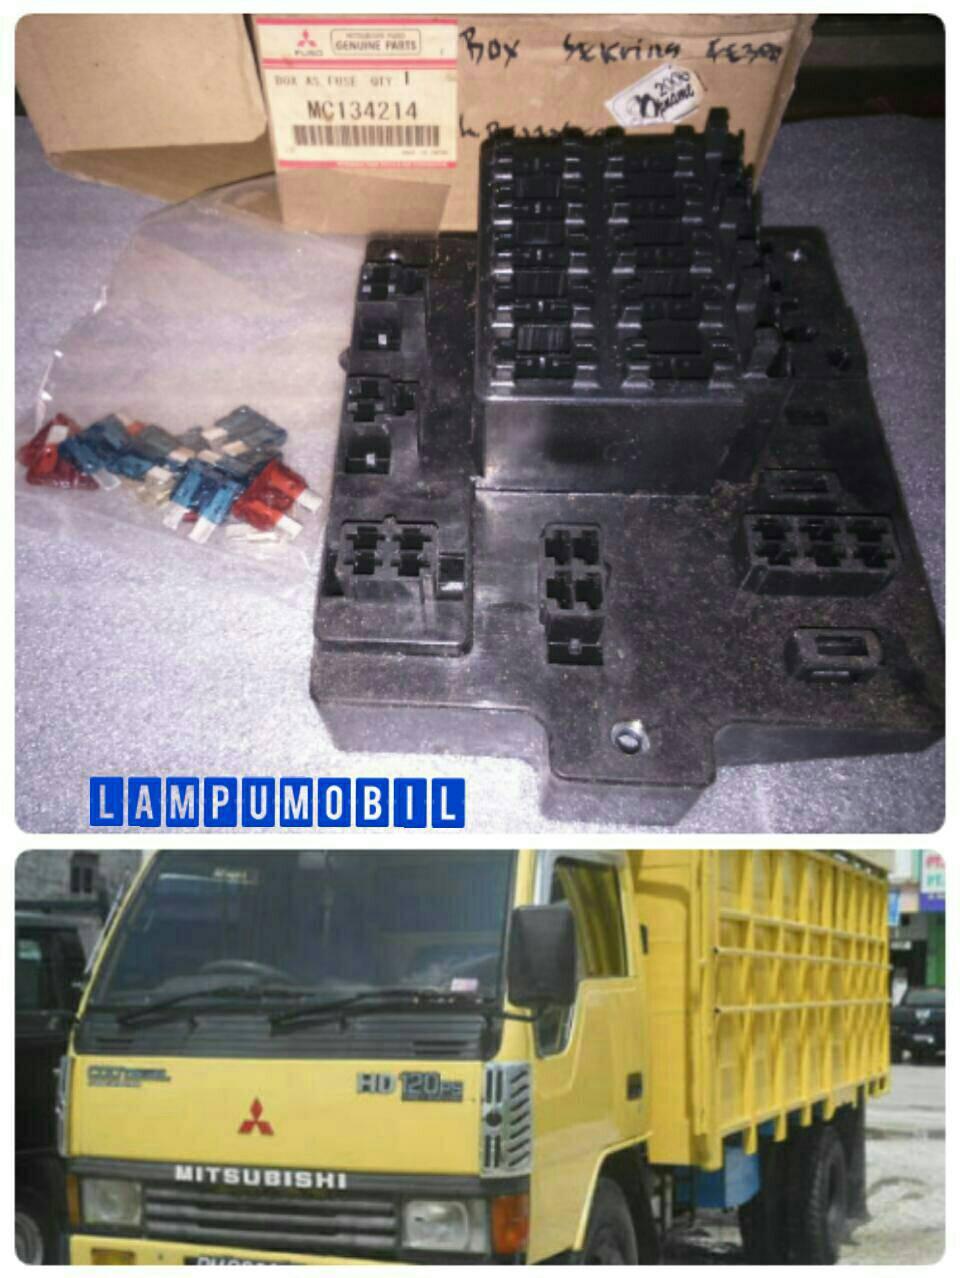 Jual Fuse Box Dudukan Sekring Mitsubishi Colt Diesel Fe300 02 Astra Original Lampumobil Tokopedia